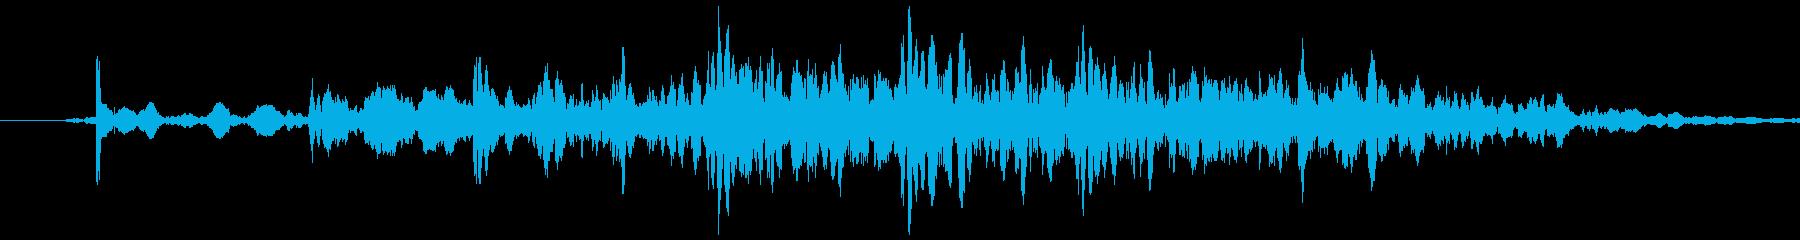 プルチェーン付きローラーブラインド...の再生済みの波形